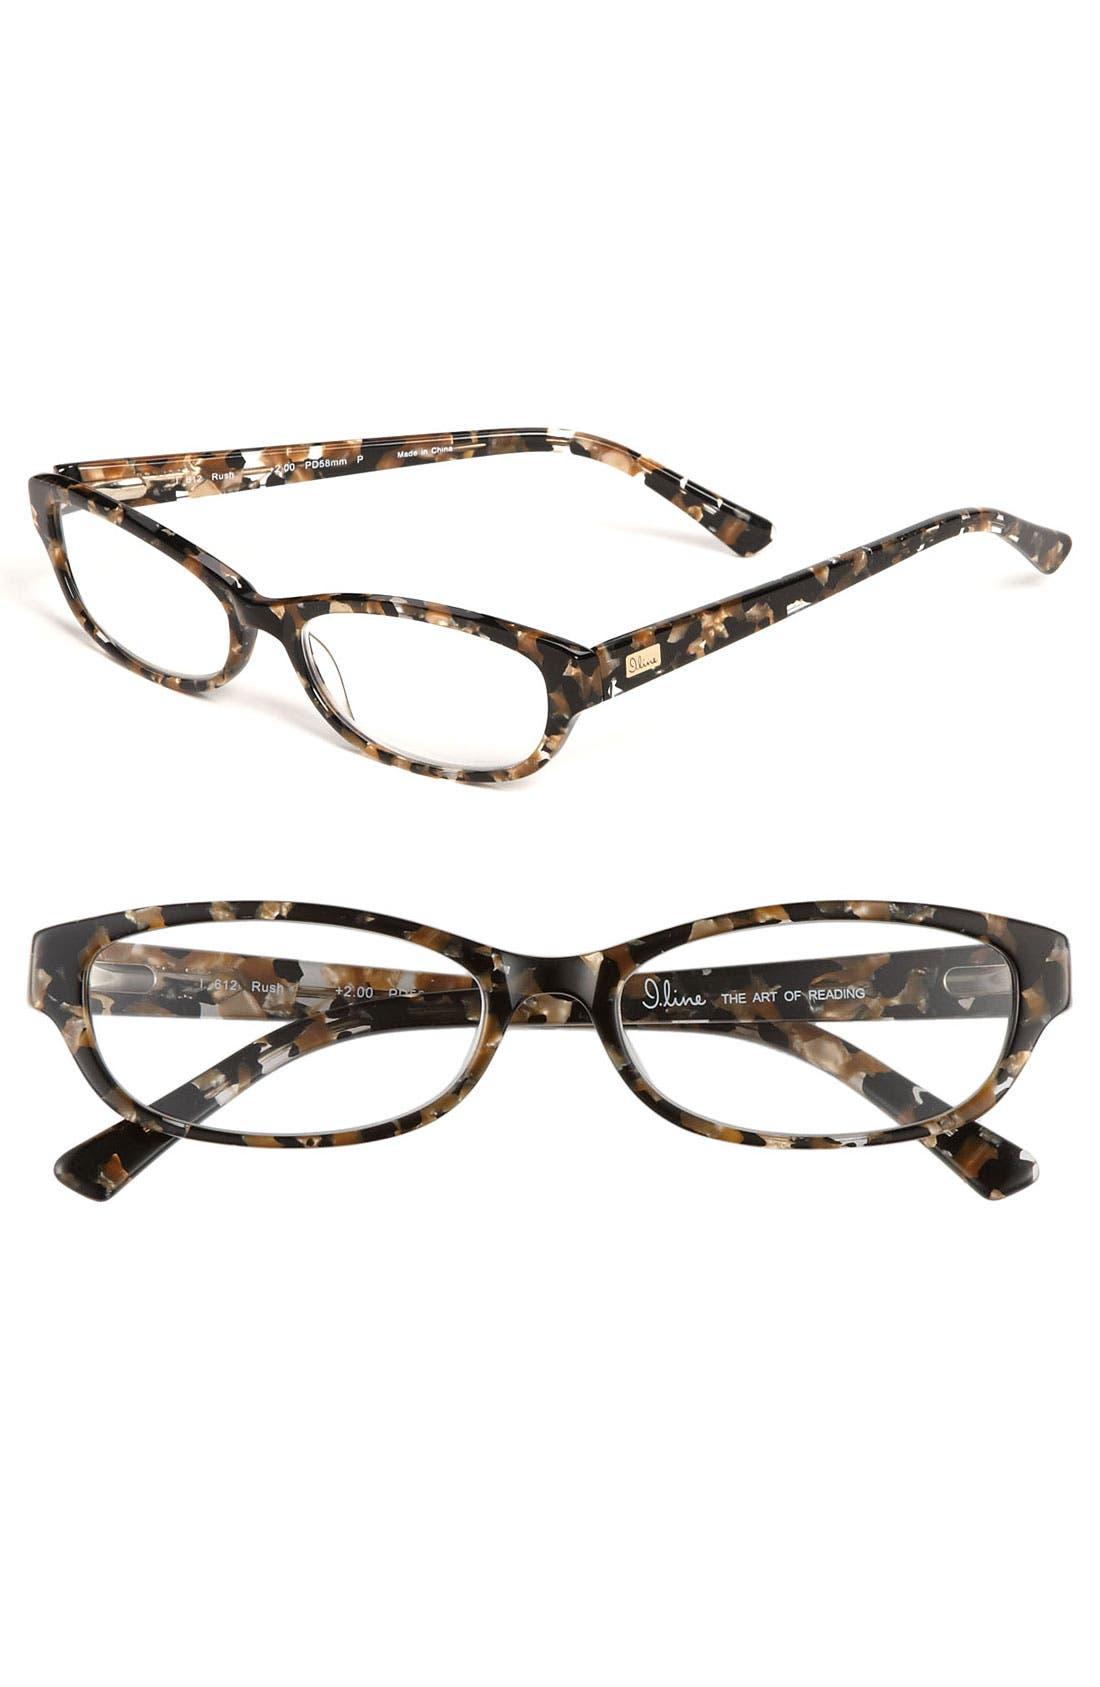 Main Image - I Line Eyewear Reading Glasses